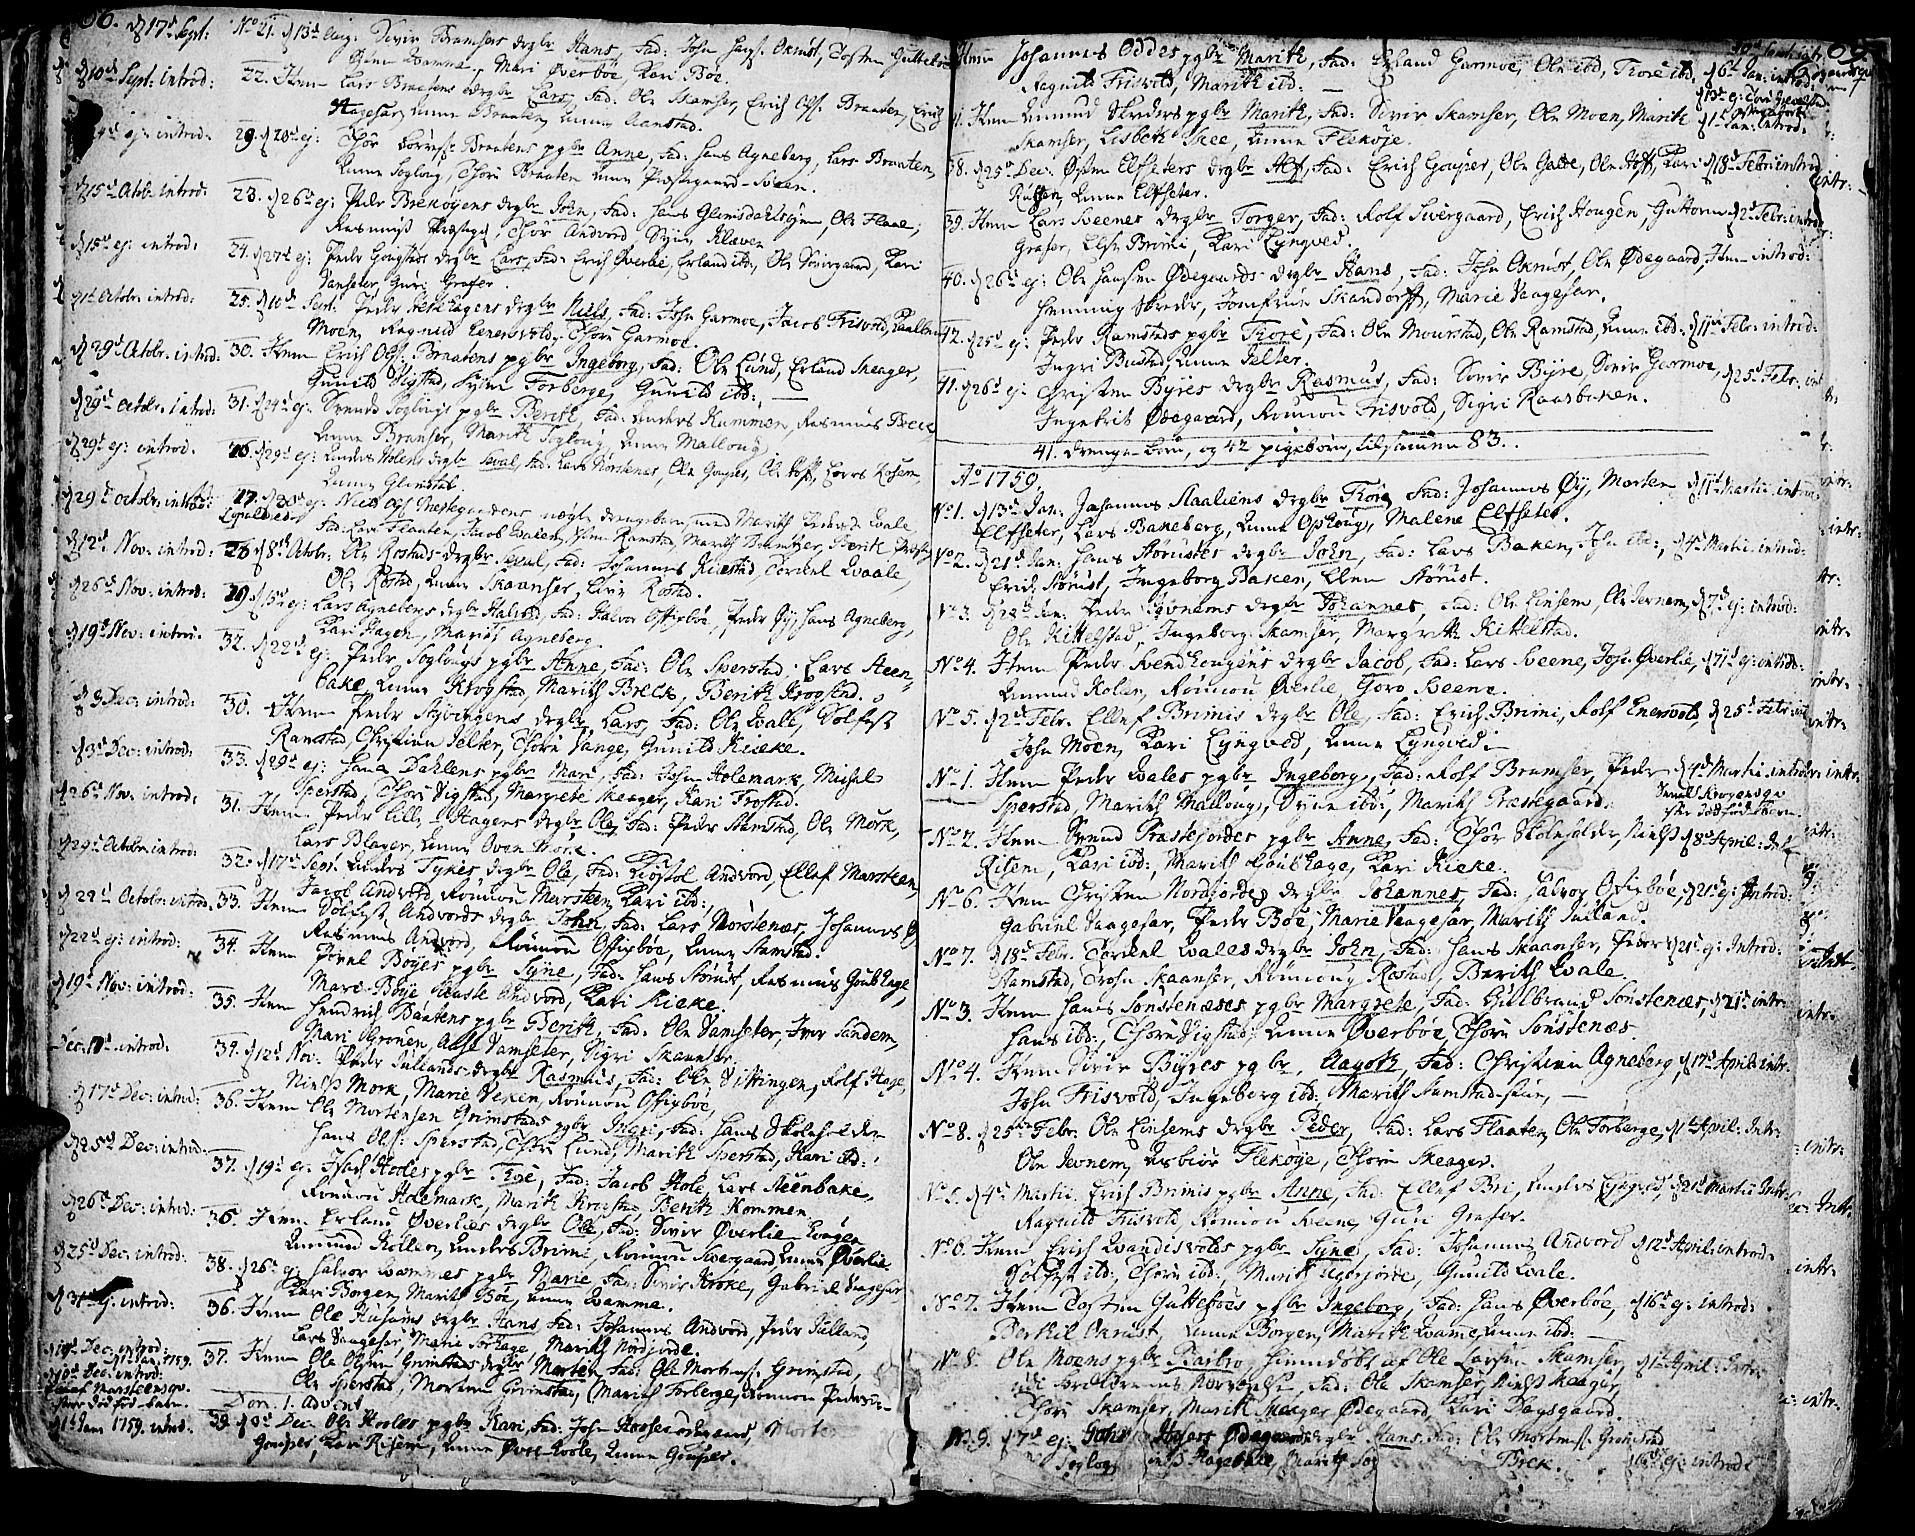 SAH, Lom prestekontor, K/L0002: Ministerialbok nr. 2, 1749-1801, s. 66-67